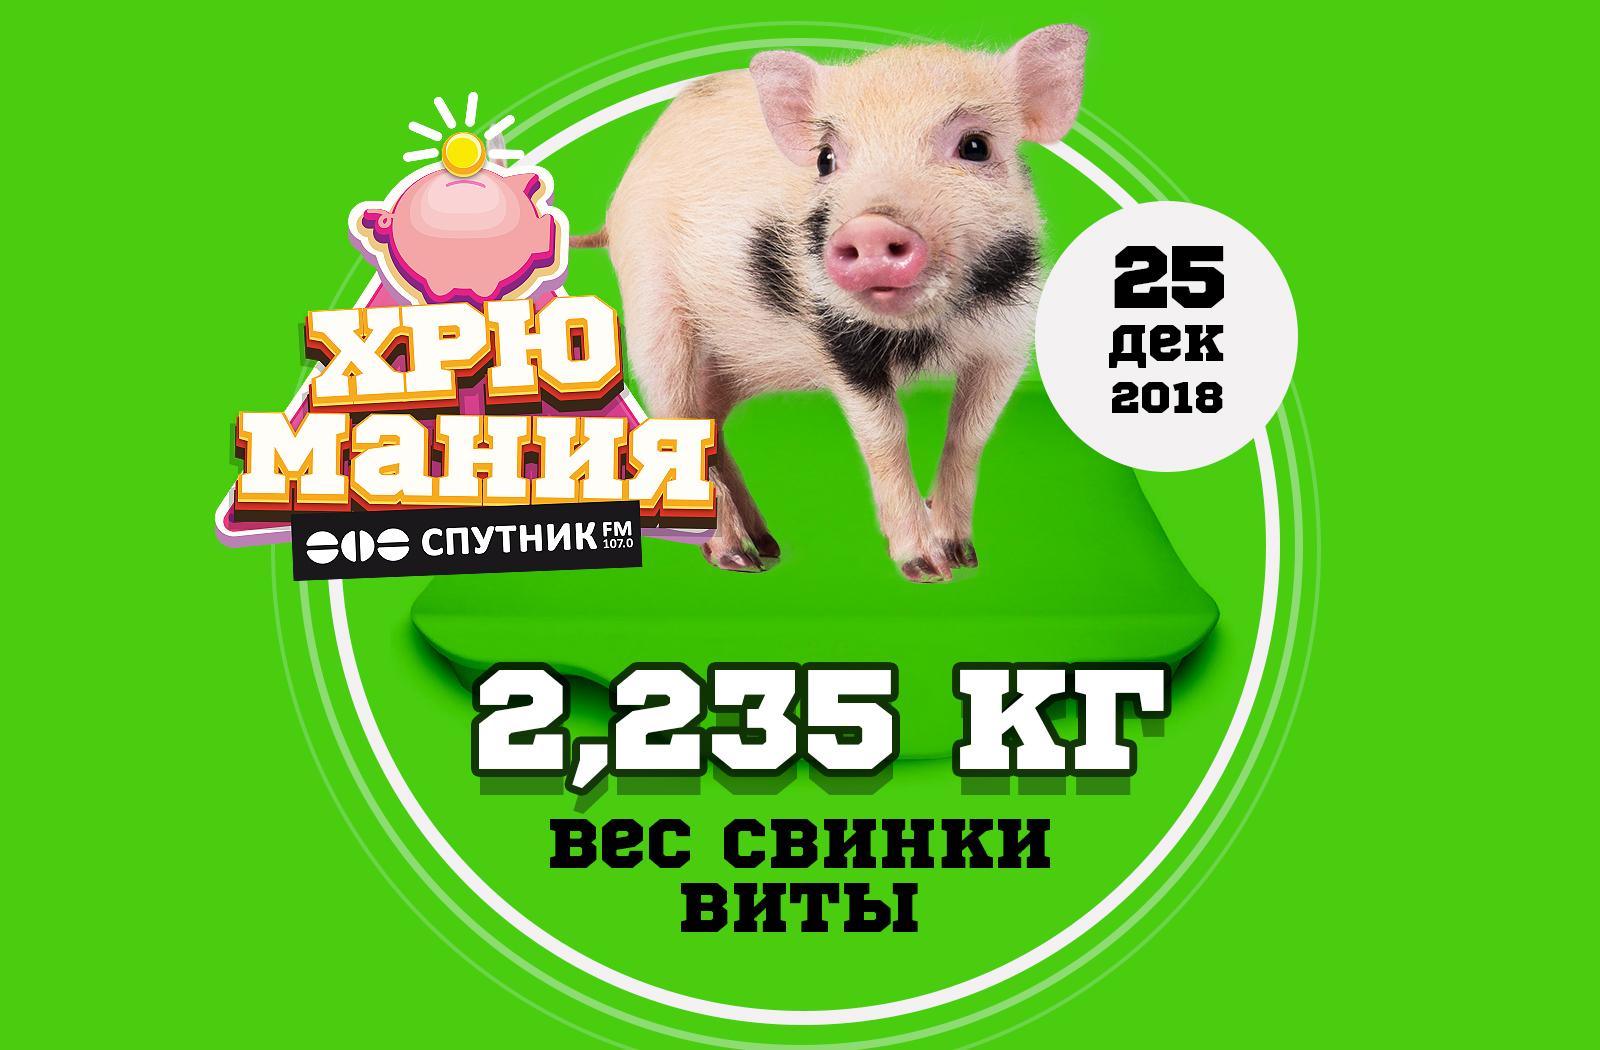 """""""ХрюМания"""": вес Виты 25 декабря"""